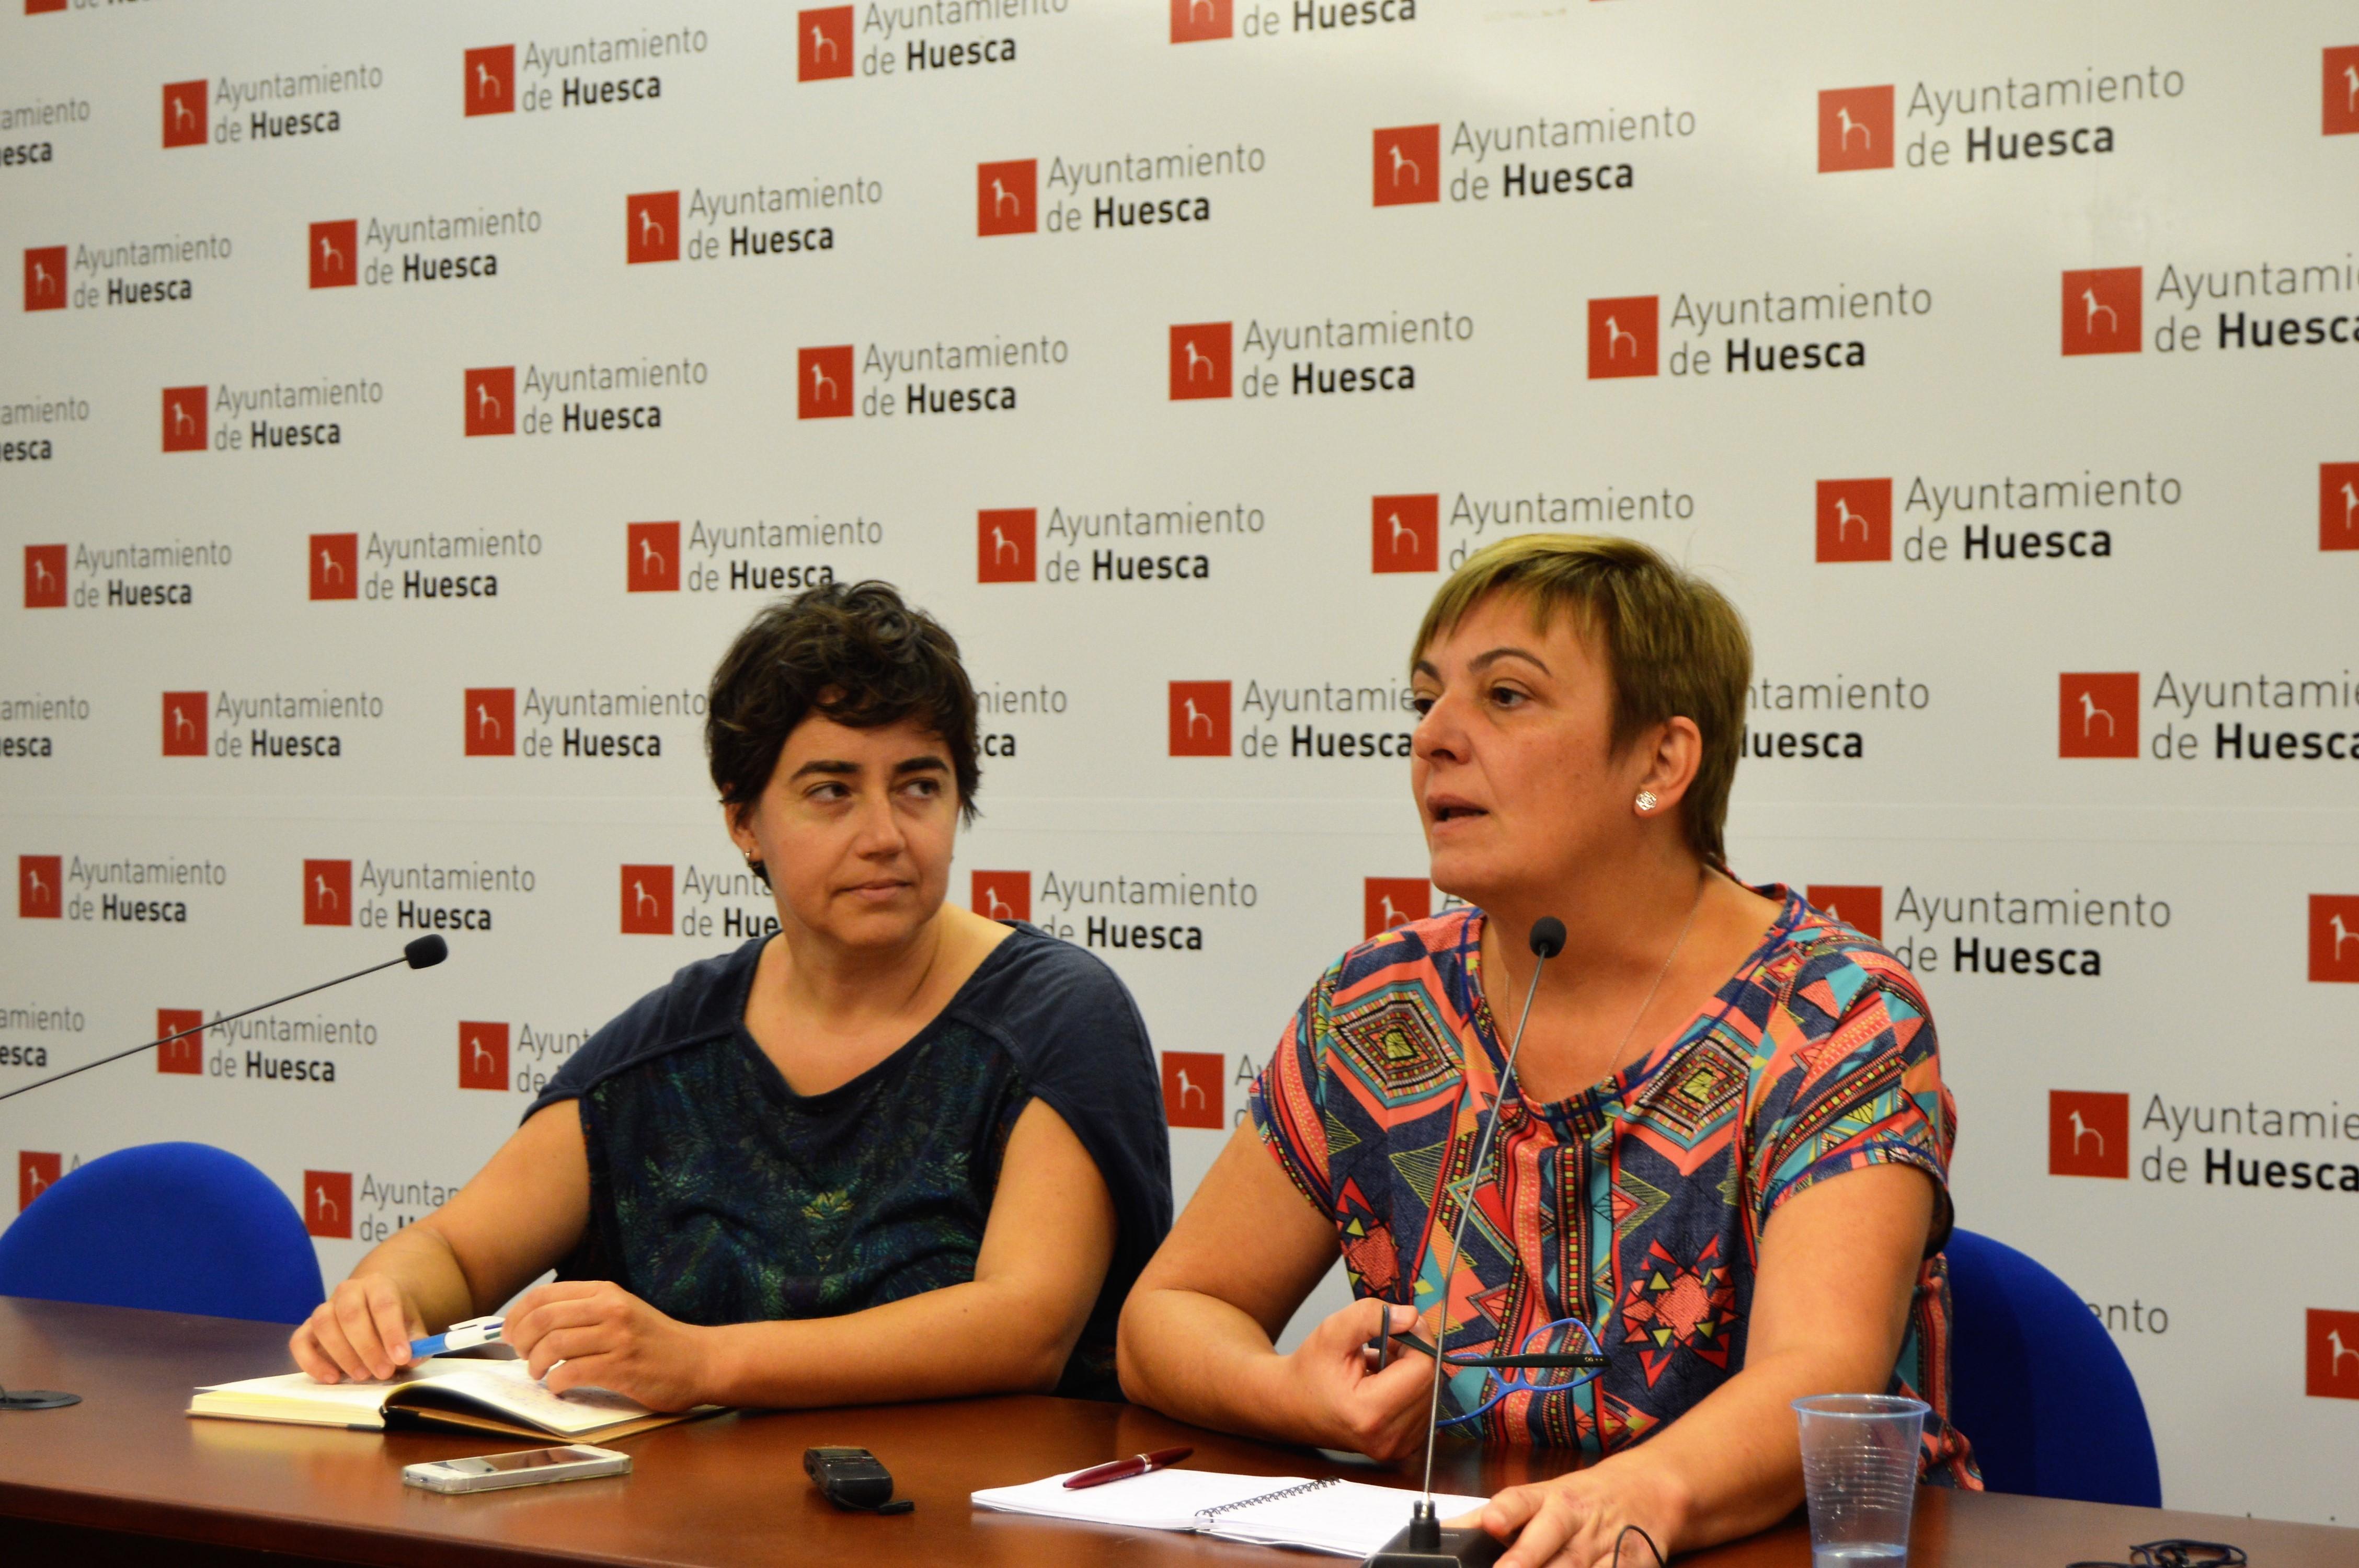 Calendario Escolar 2019 Huesca Mejores Y Más Novedosos Noticias Huesca Cambiar Huesca Of Calendario Escolar 2019 Huesca Recientes atletismo Divertido